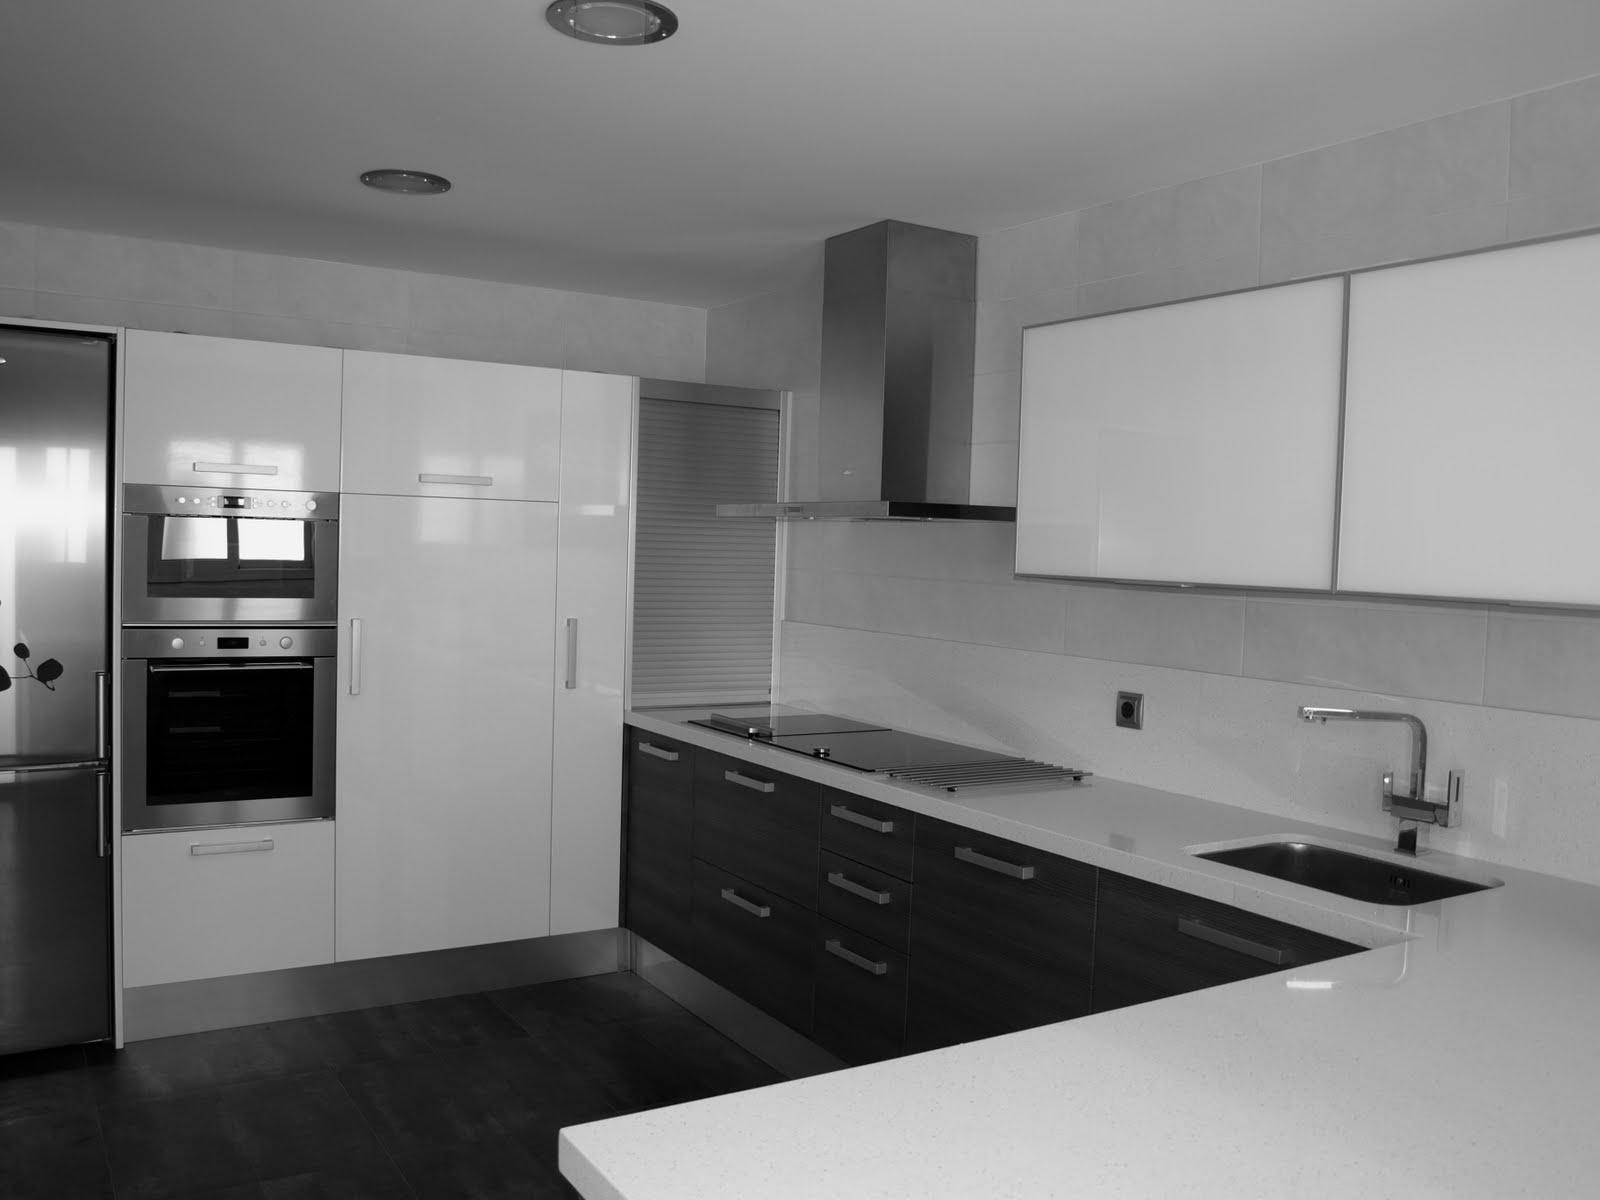 Espai decuina ripollet barcelona junio 2011 - Cocinas blancas y gris ...